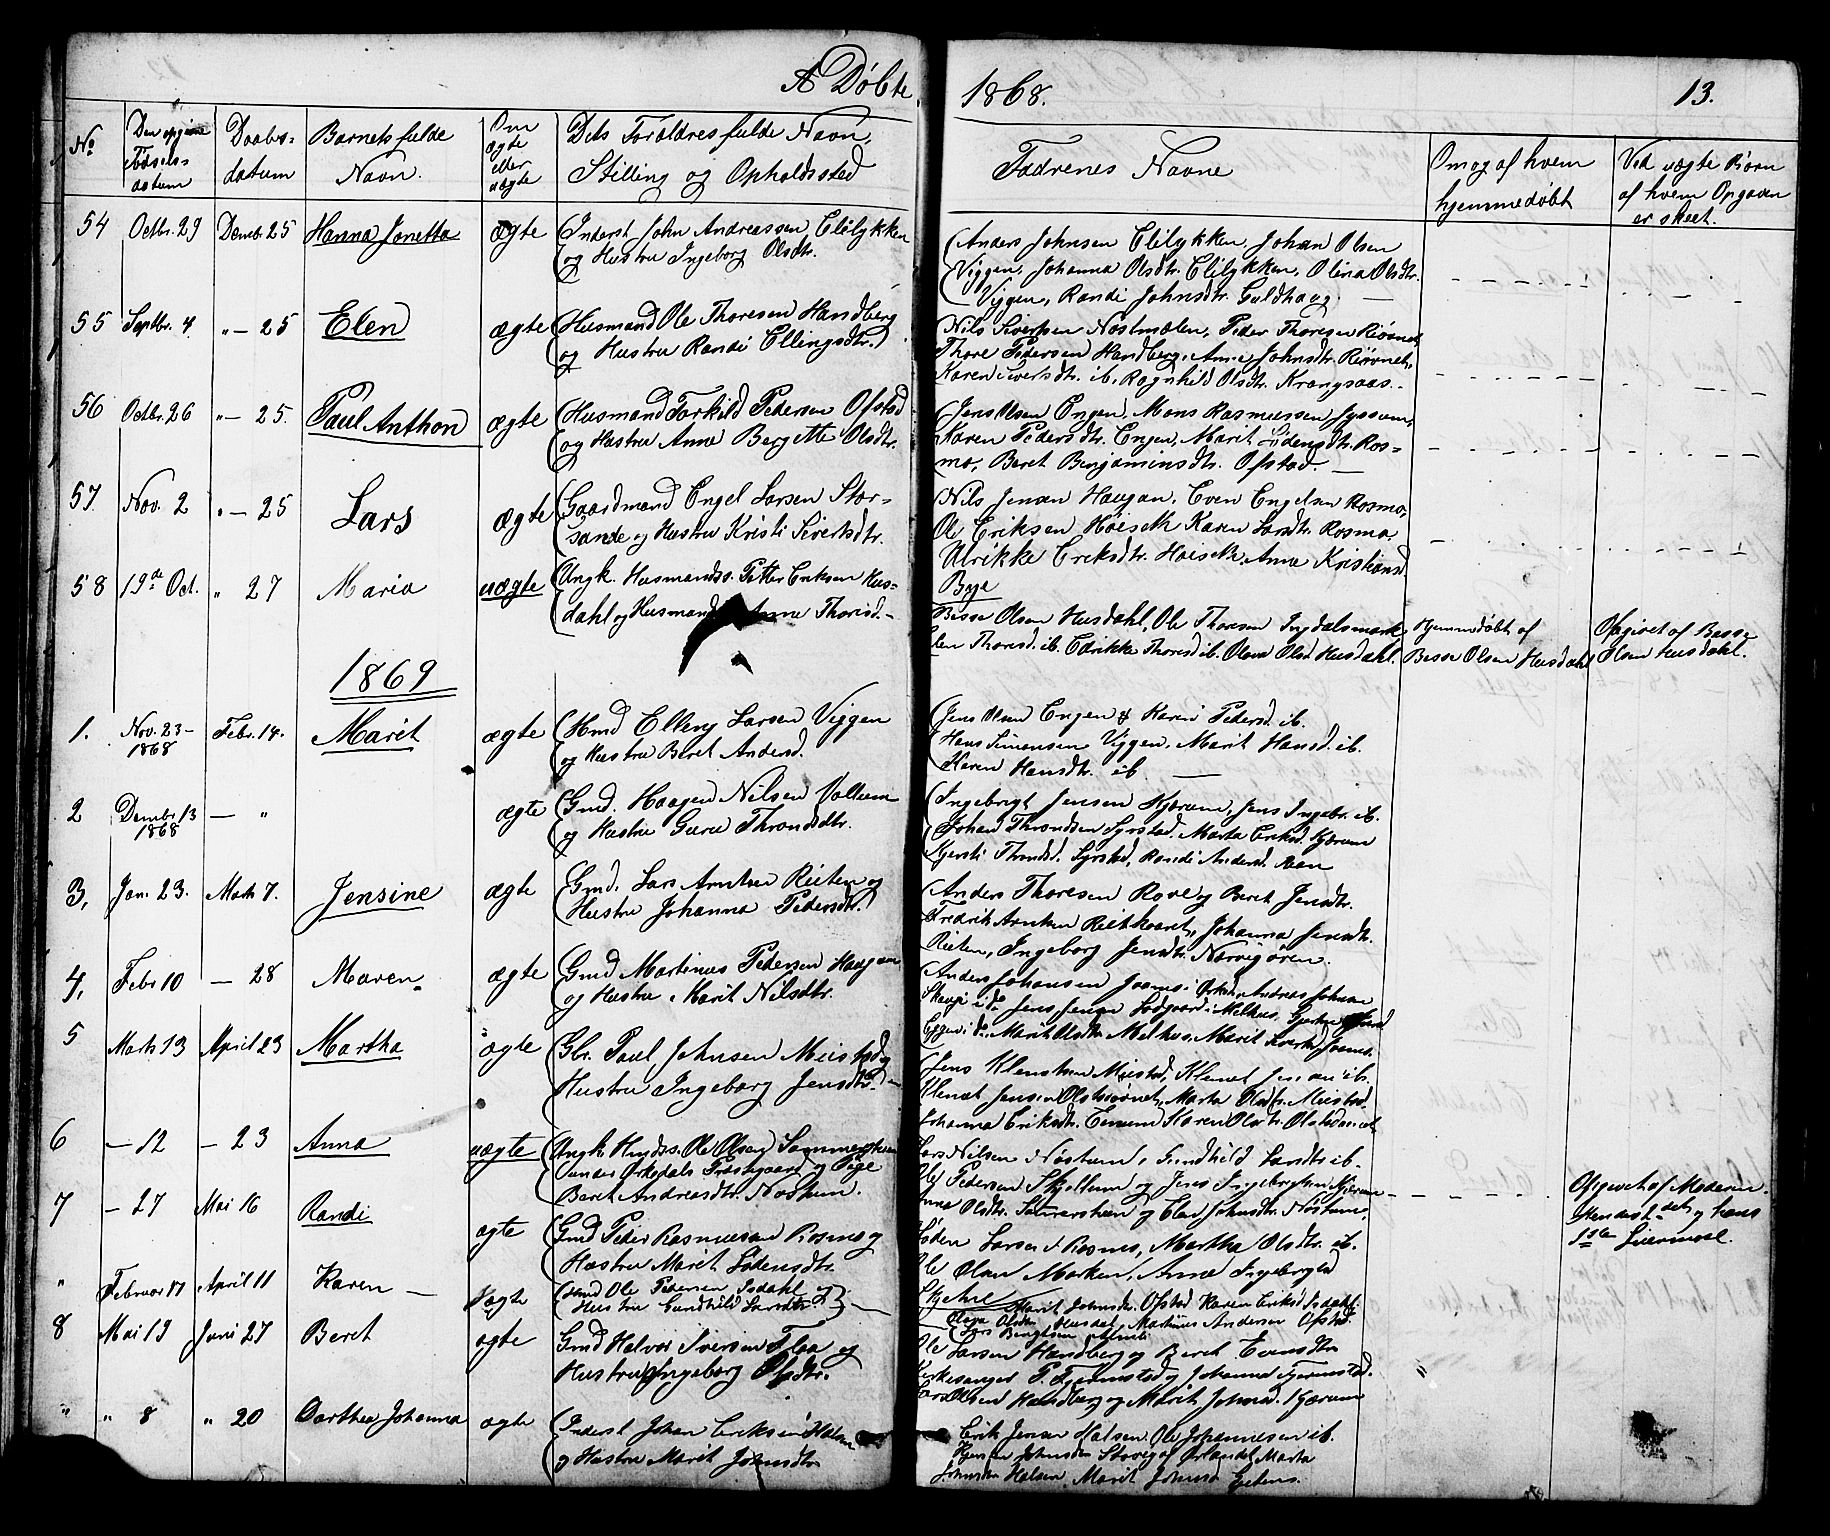 SAT, Ministerialprotokoller, klokkerbøker og fødselsregistre - Sør-Trøndelag, 665/L0777: Klokkerbok nr. 665C02, 1867-1915, s. 13